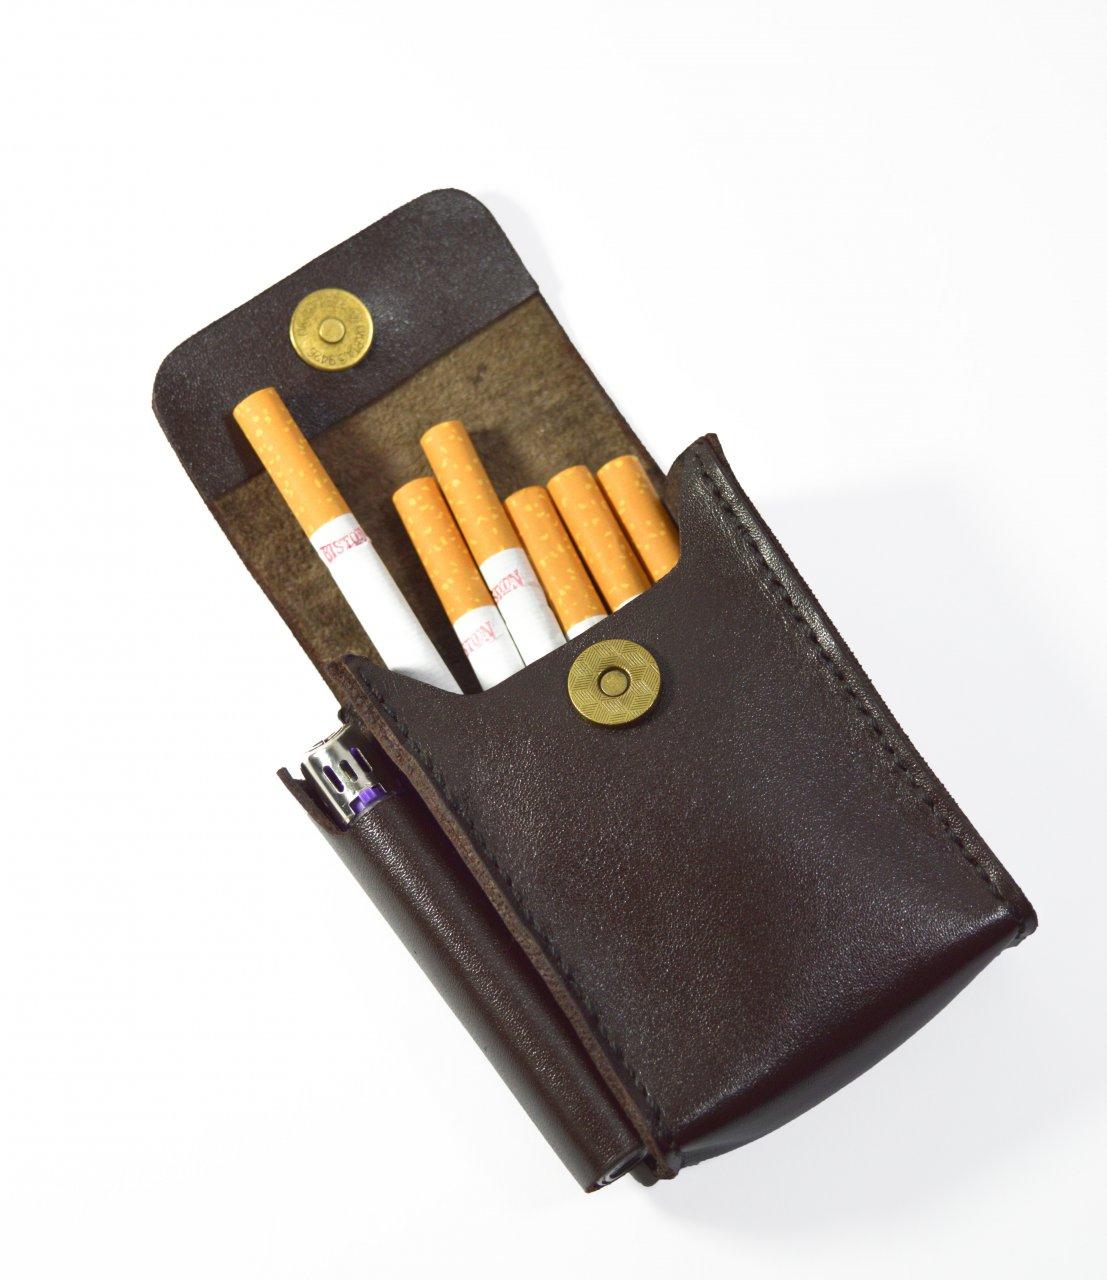 کیف پاکت سیگار مدل M808